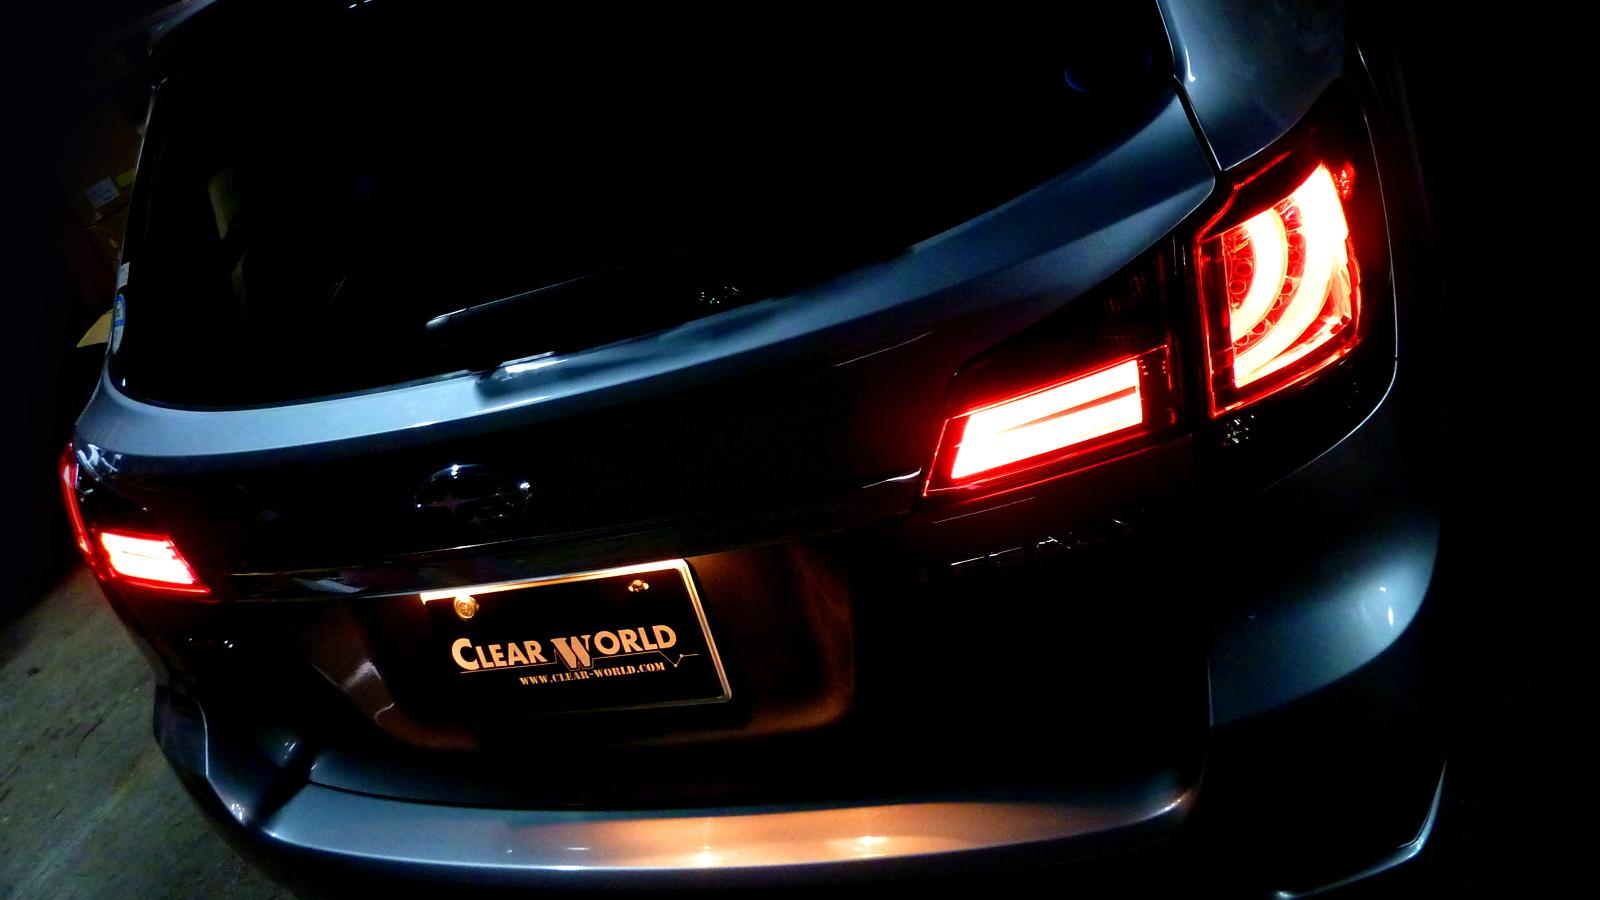 レガシィツーリングワゴン LEDテール BR9 BRG BRM H21/5~H26/9 フルLEDテール シーケンシャルウインカー CLEARWORLD/クリアワールド (RTF-06/CTF-07